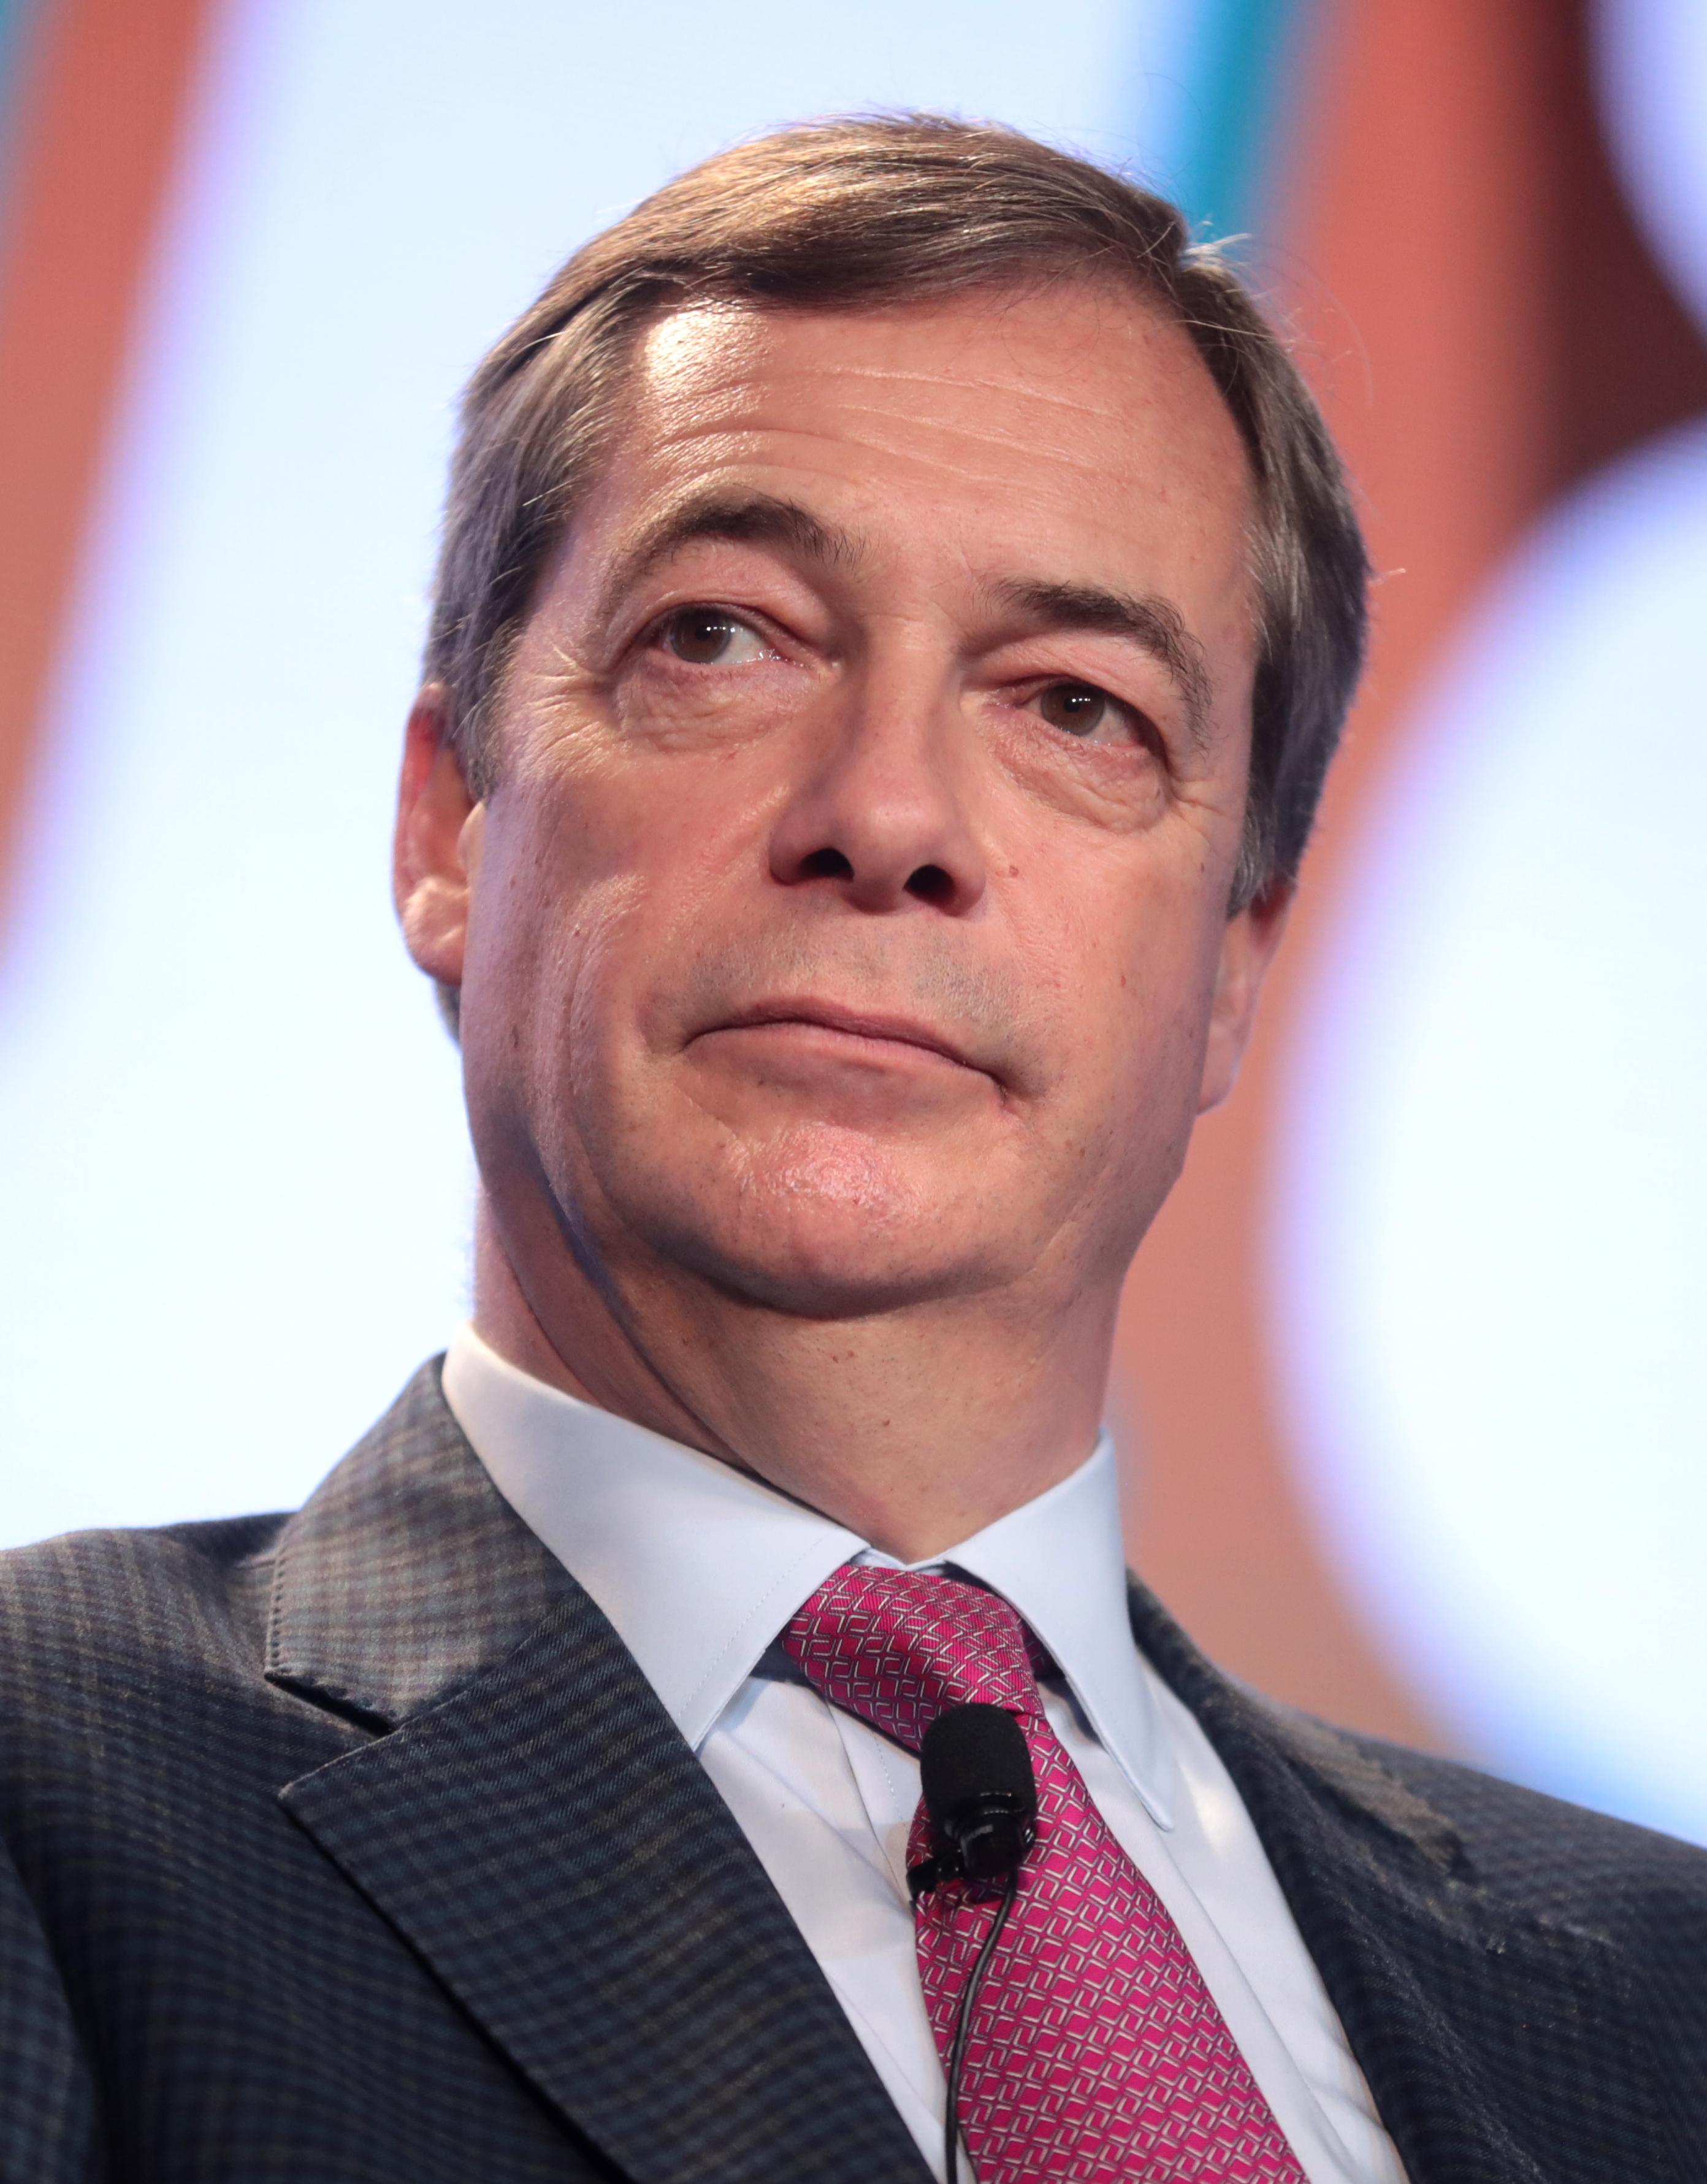 Veja o que saiu no Migalhas sobre Nigel Farage